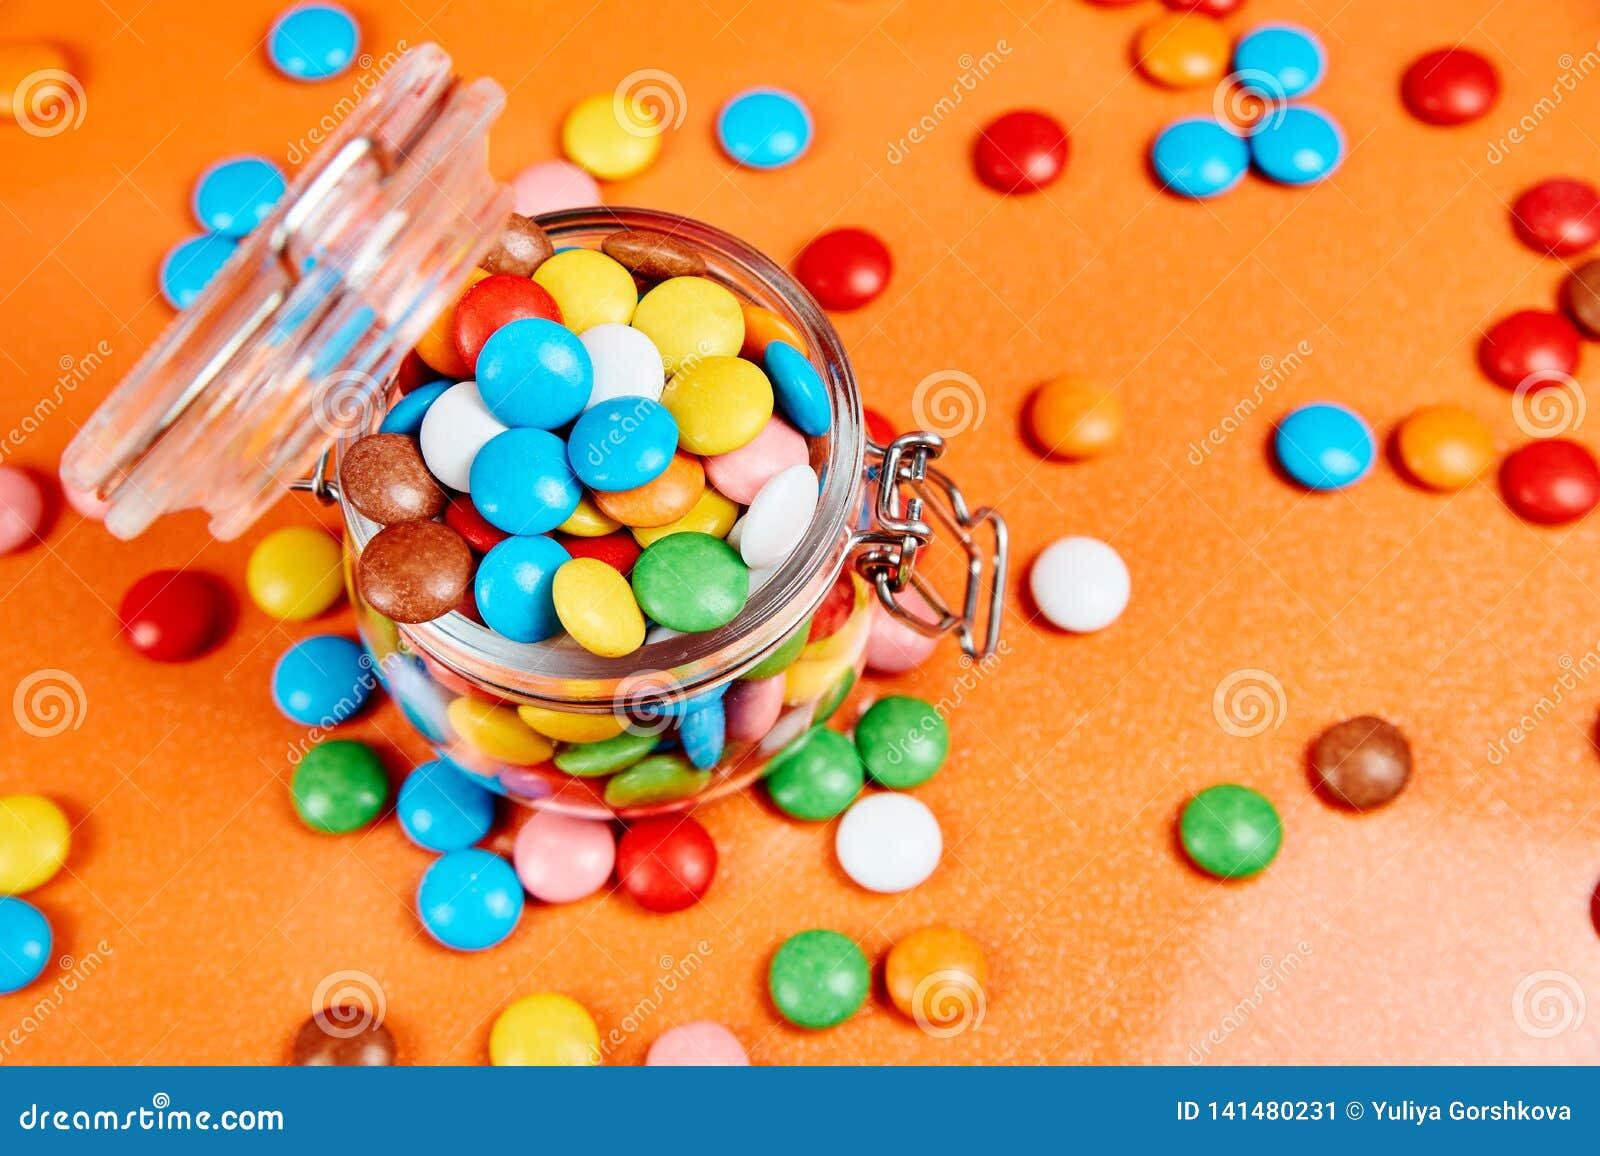 Ζωηρόχρωμες καραμέλες στο βάζο γυαλιού στο κόκκινο υπόβαθρο πορτοκαλιών